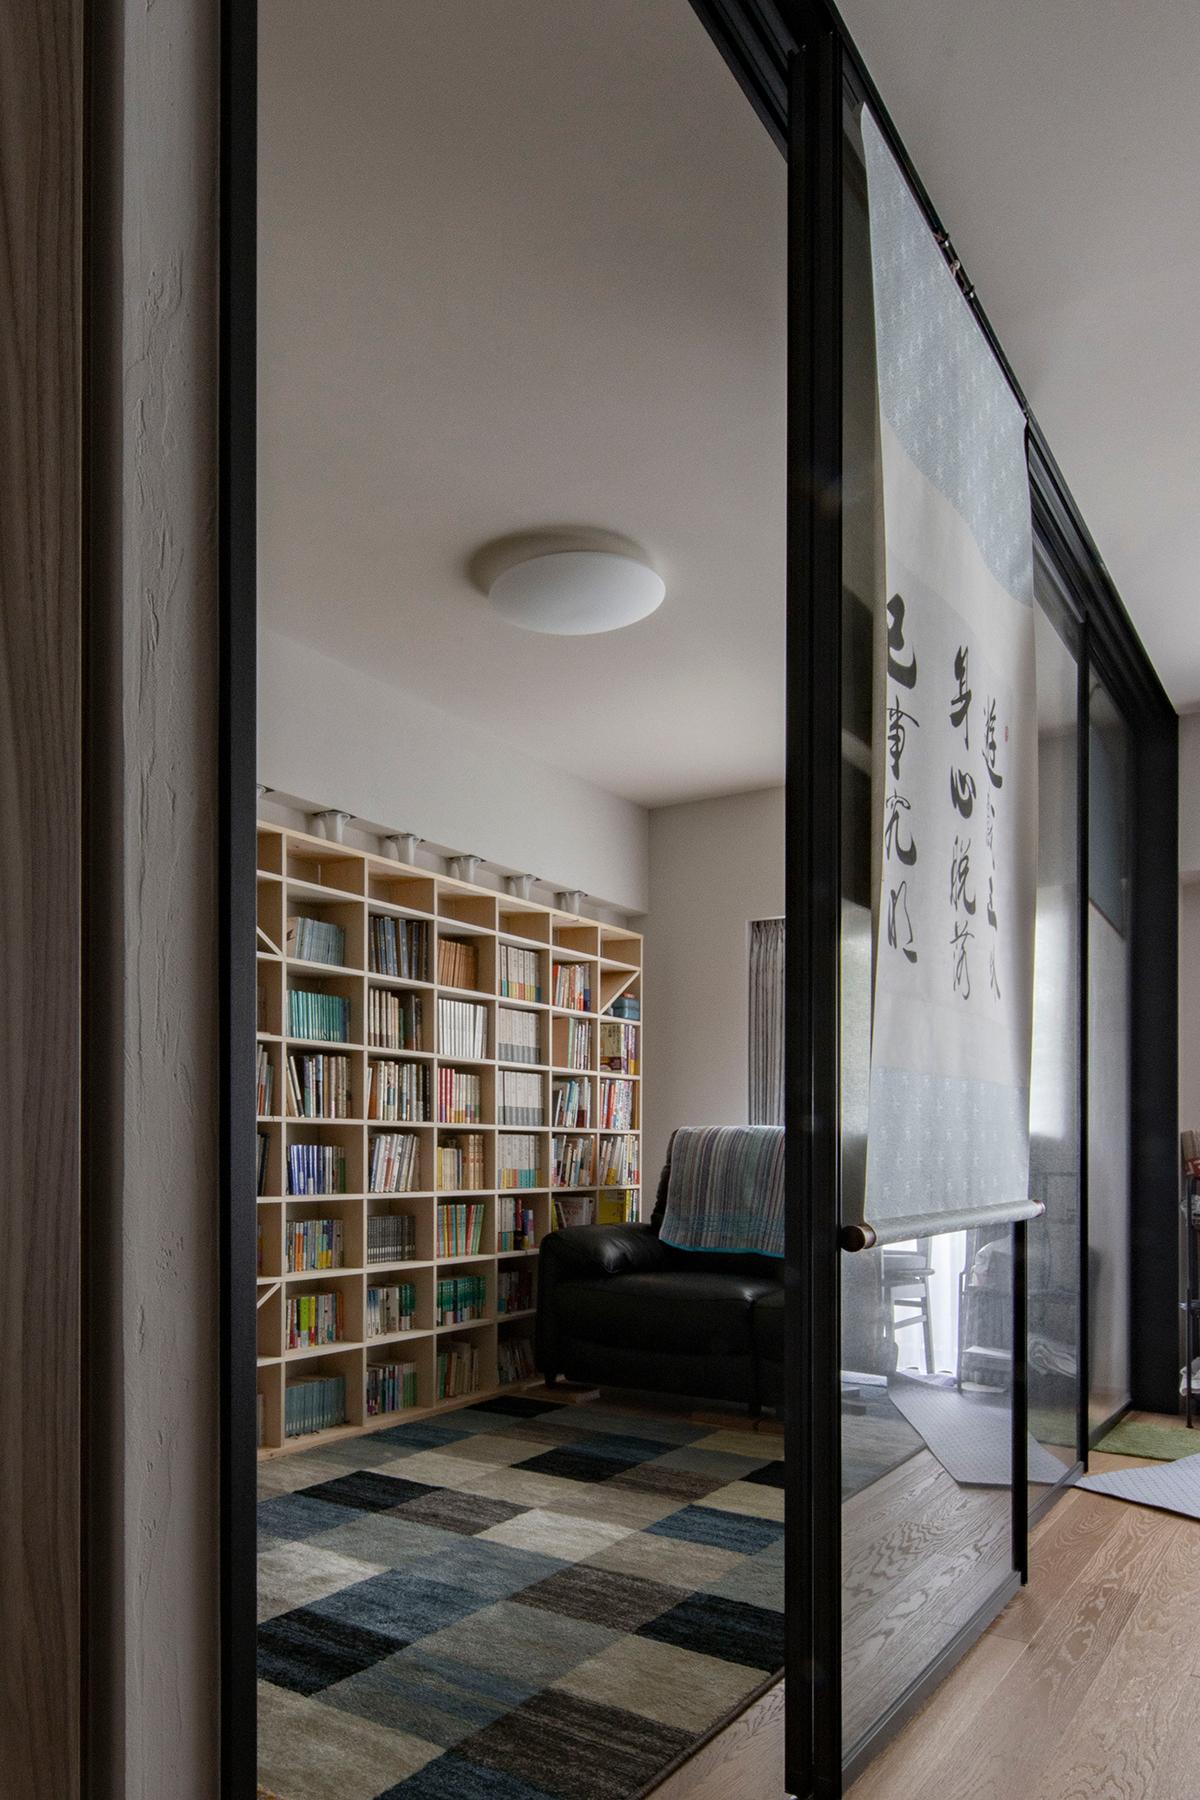 壁一面の書架 単行本